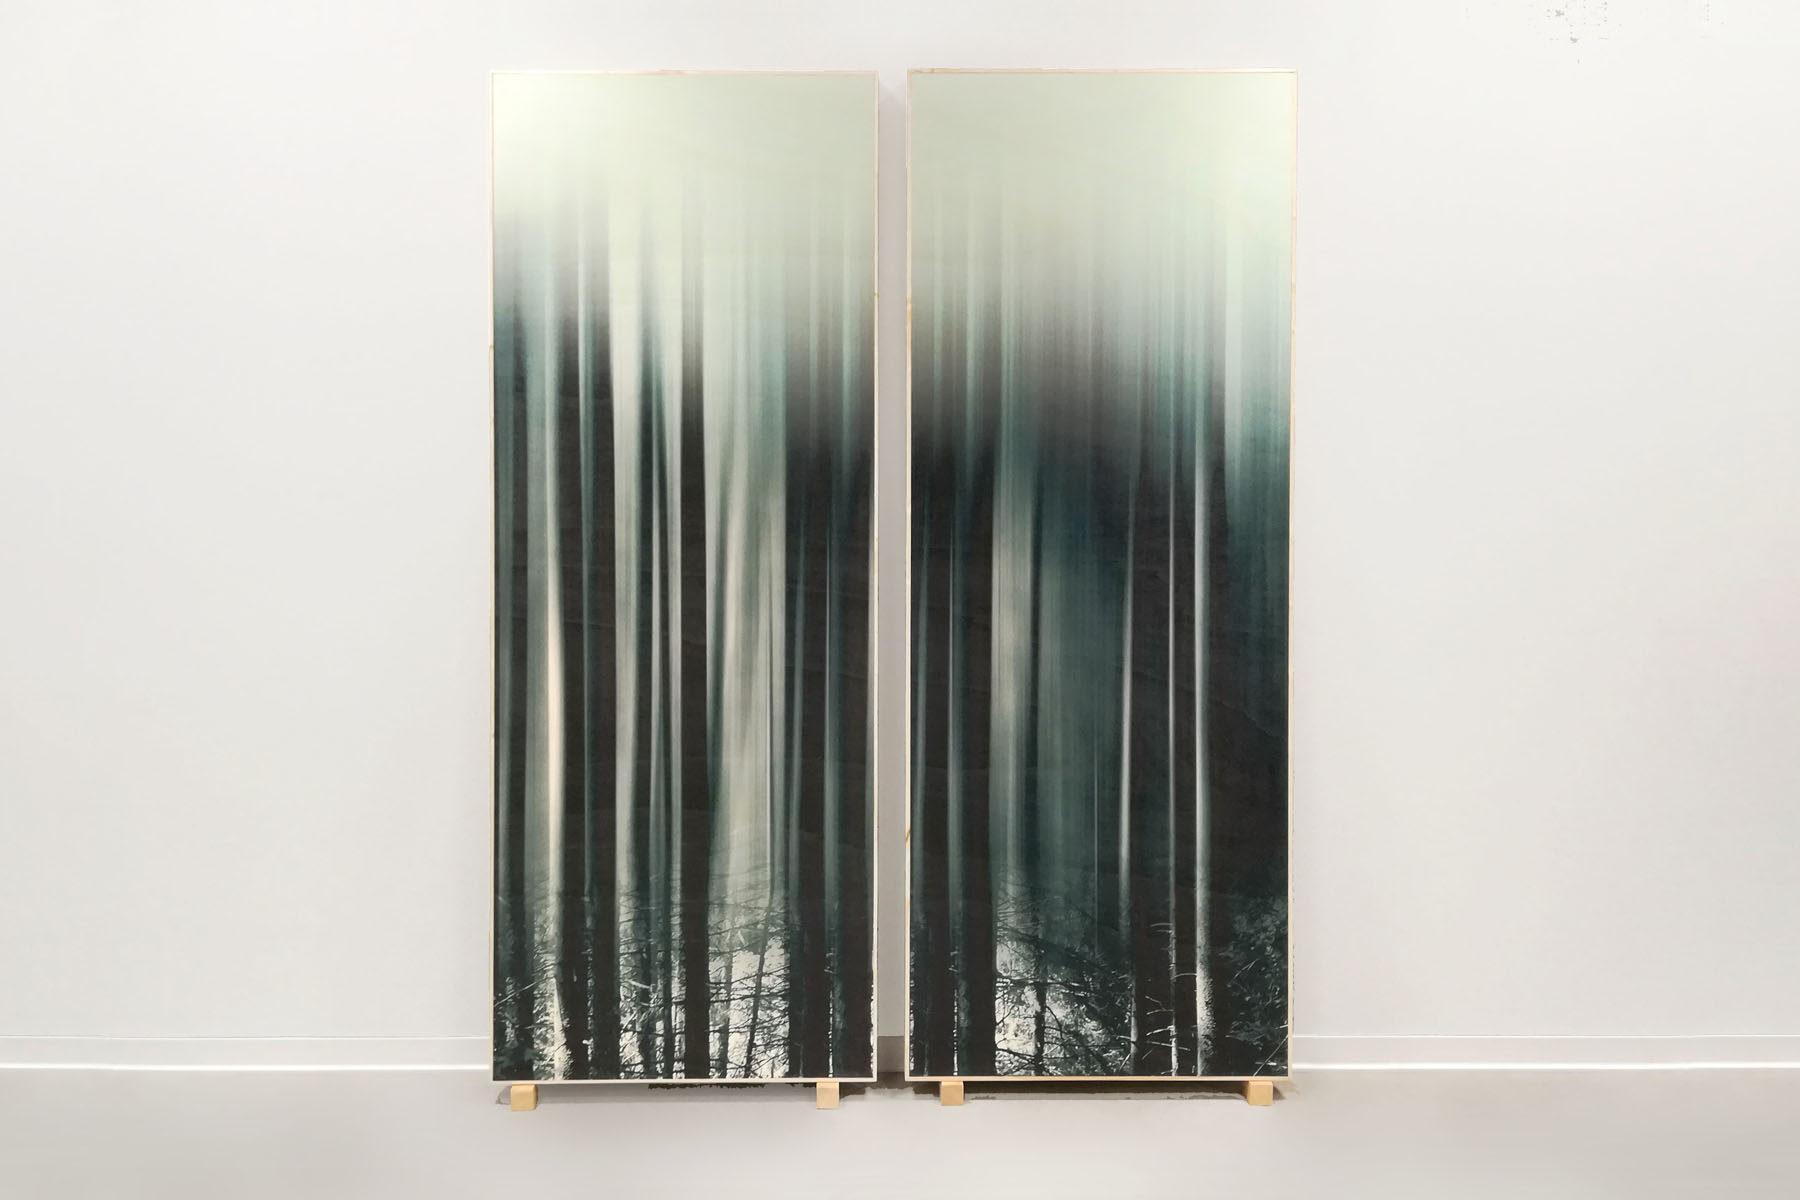 G. Dell'Antonia, I miei infiniti alberi, 2017, installation view